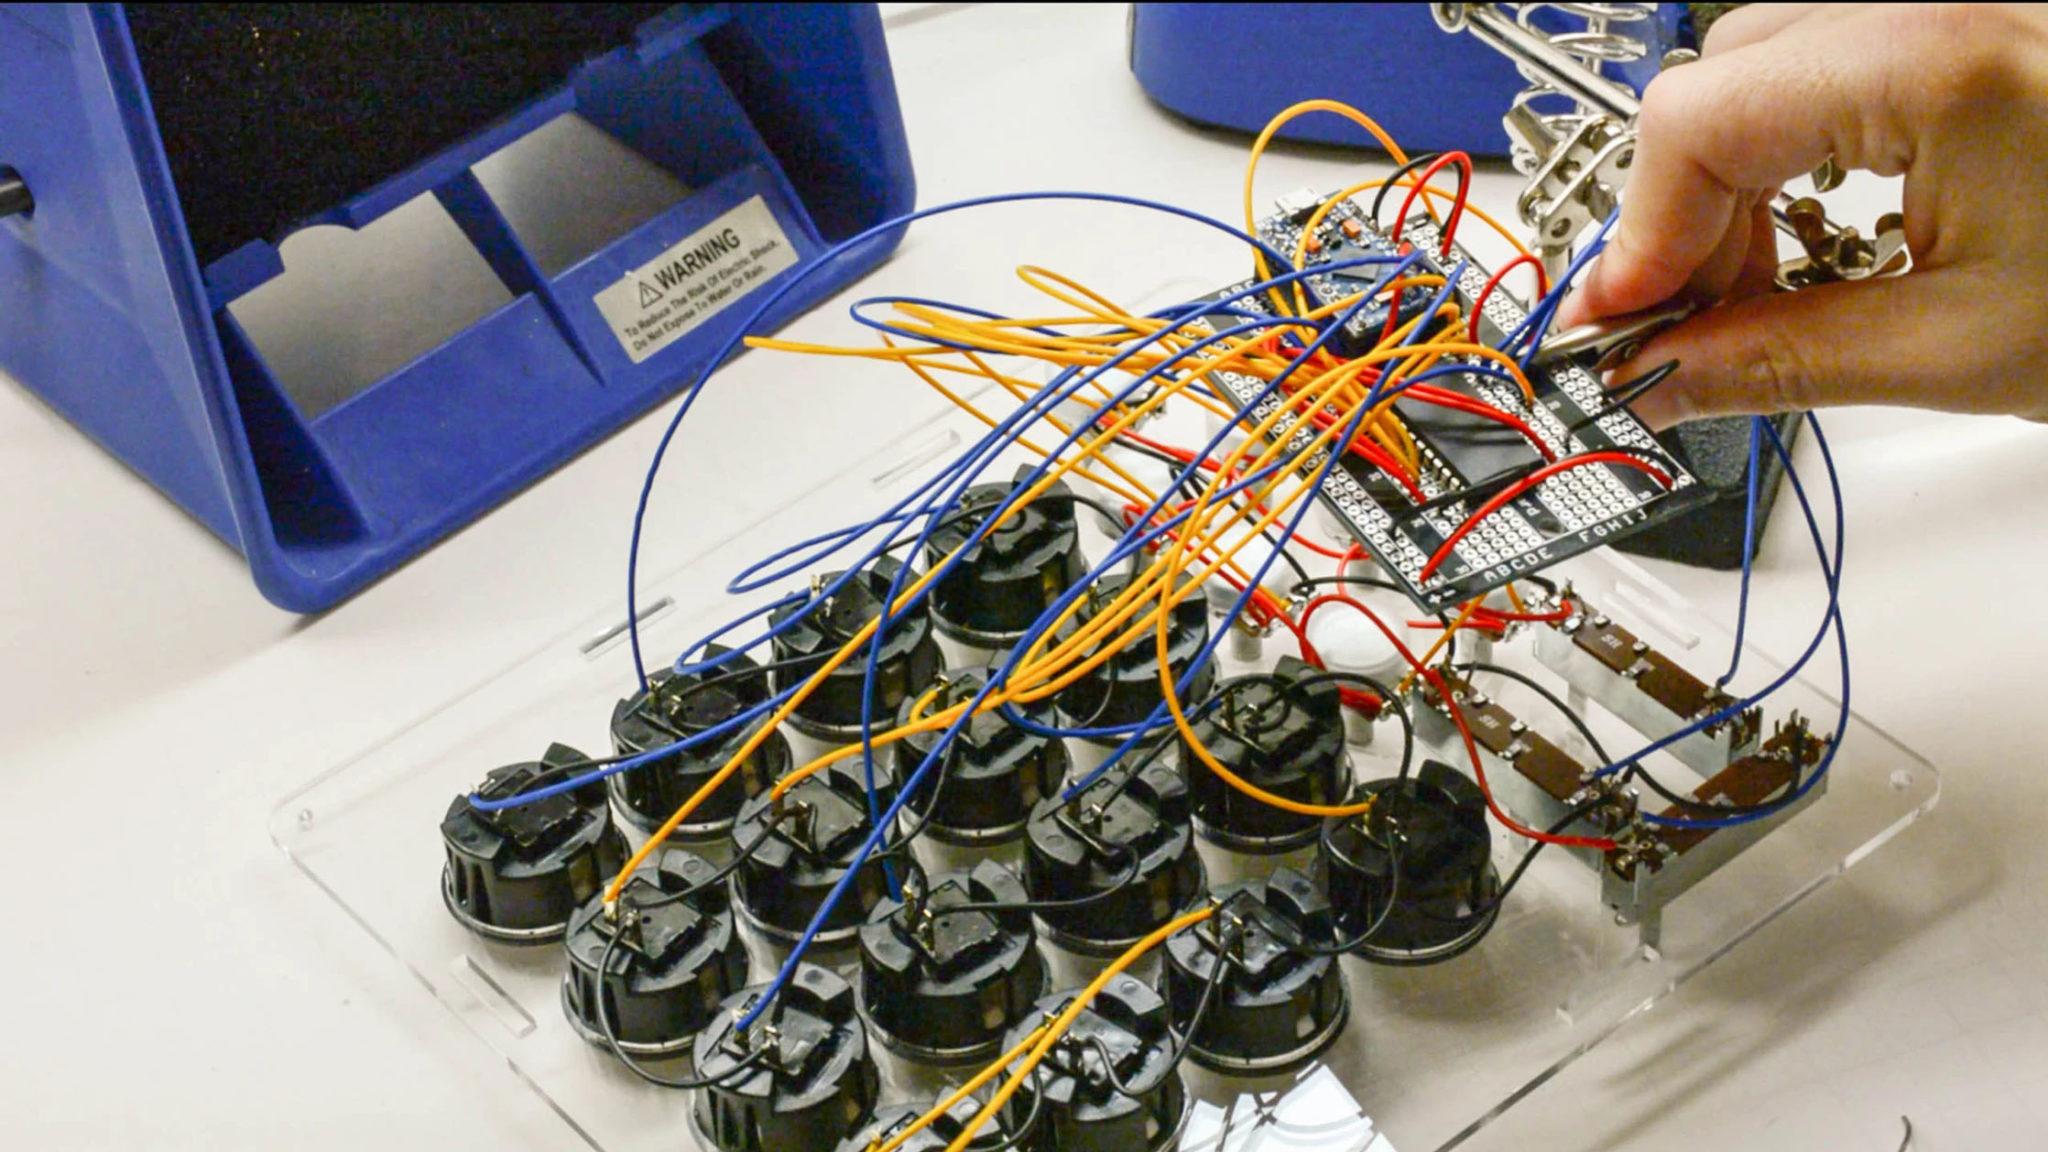 02-soldering-breadboard